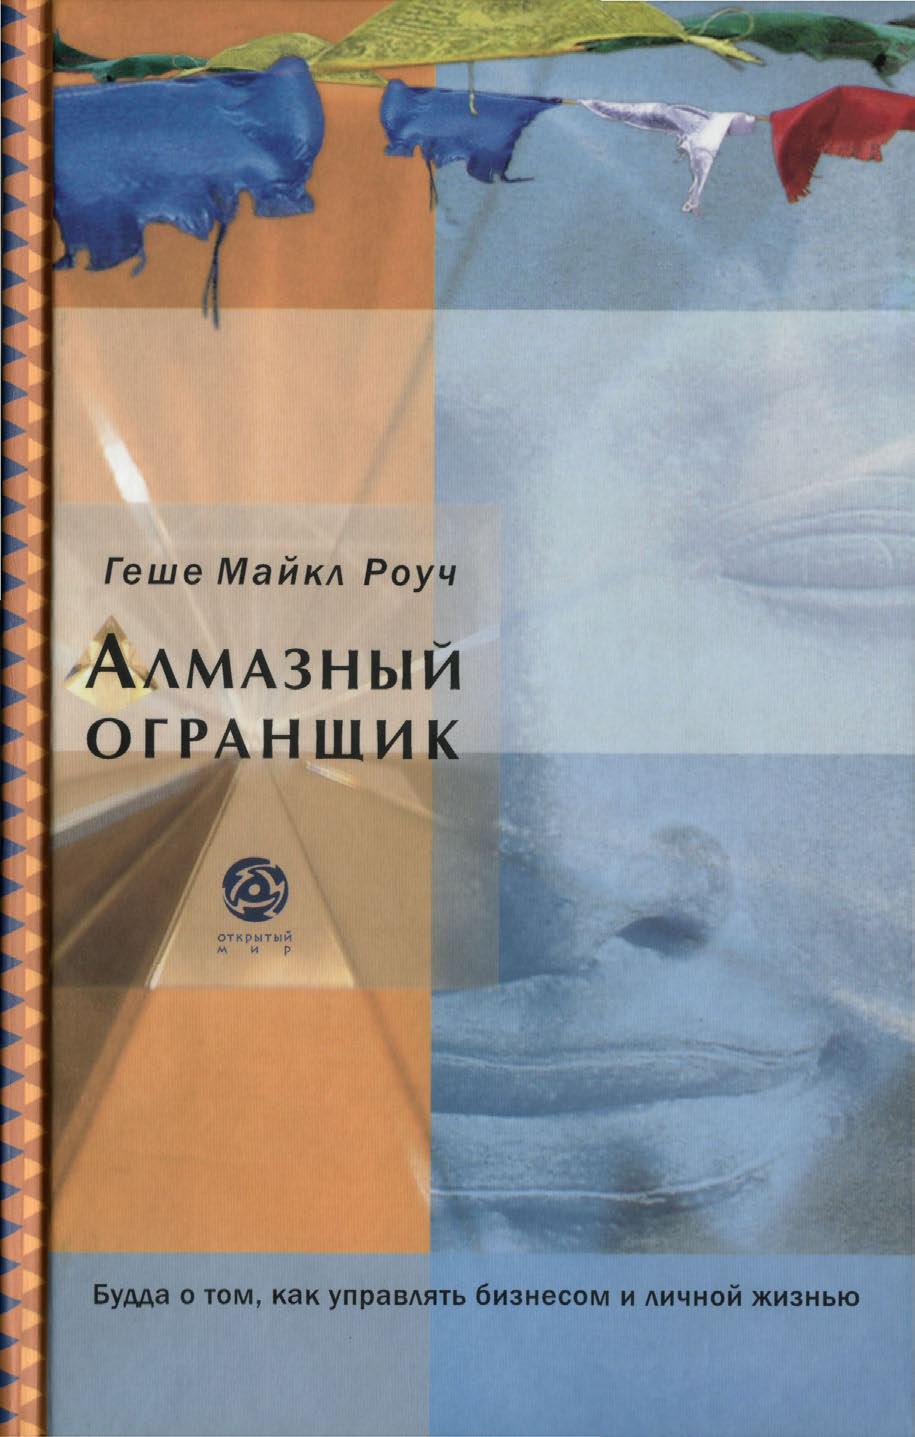 Изображение к книге Алмазный огранщик